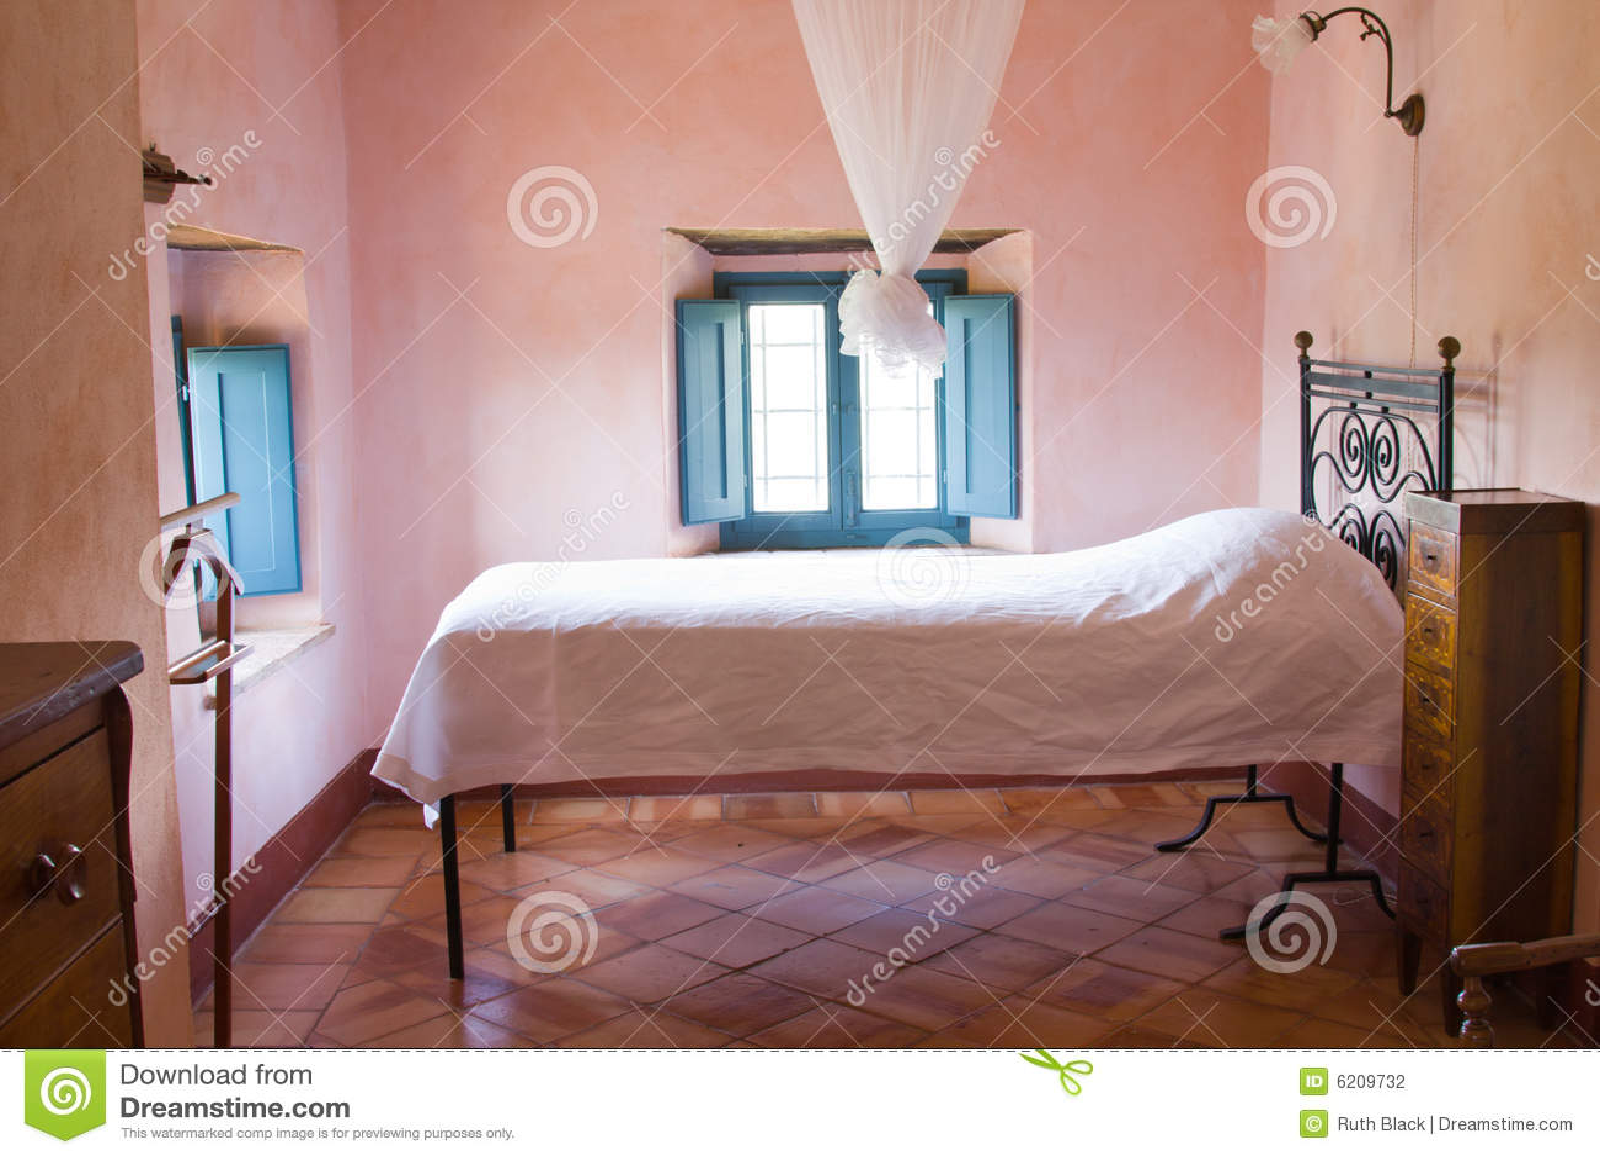 da letto disegno Camera Rustica : Camera da letto rustica di una casa toscana dellazienda agricola.